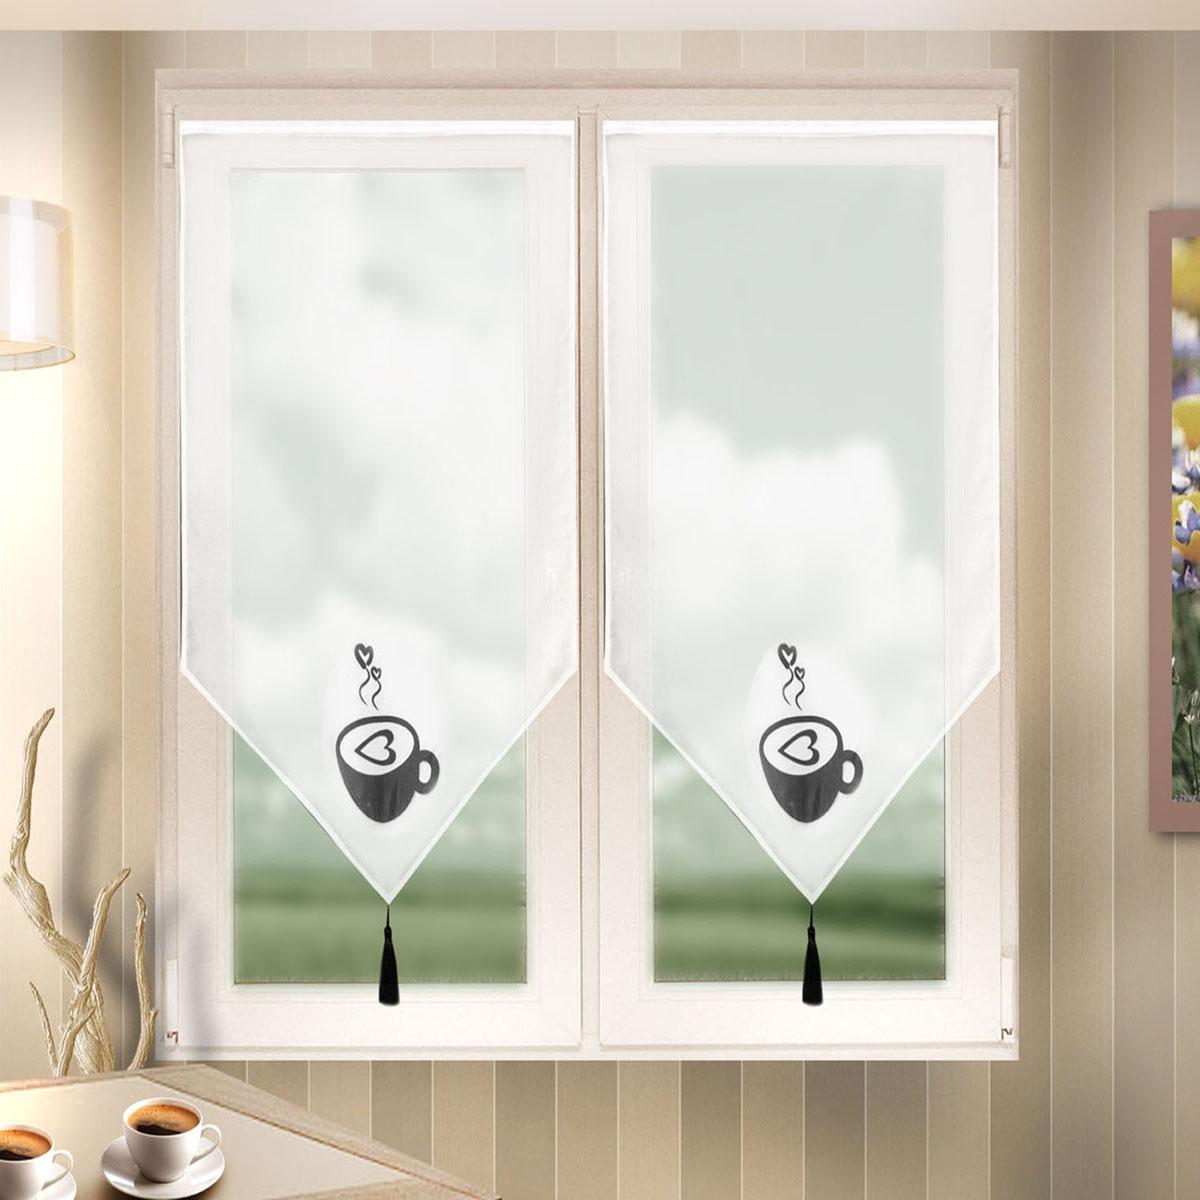 Гардина Zlata Korunka, на липкой ленте, цвет: белый, высота 120 см. 666024/1956251325Гардина на липкой ленте Zlata Korunka, изготовленная из полиэстера, станет великолепным украшением любого окна. Полотно из белой вуали с печатным рисунком привлечет к себе внимание и органично впишется в интерьер комнаты. Лучшая альтернатива рулонным шторам - шторы на липкой ленте. Особенность этих штор заключается в том, что они имеют липкую основу в месте крепления. Лента или основа надежно и быстро крепится на раму окна, а на нее фиксируется сама штора.